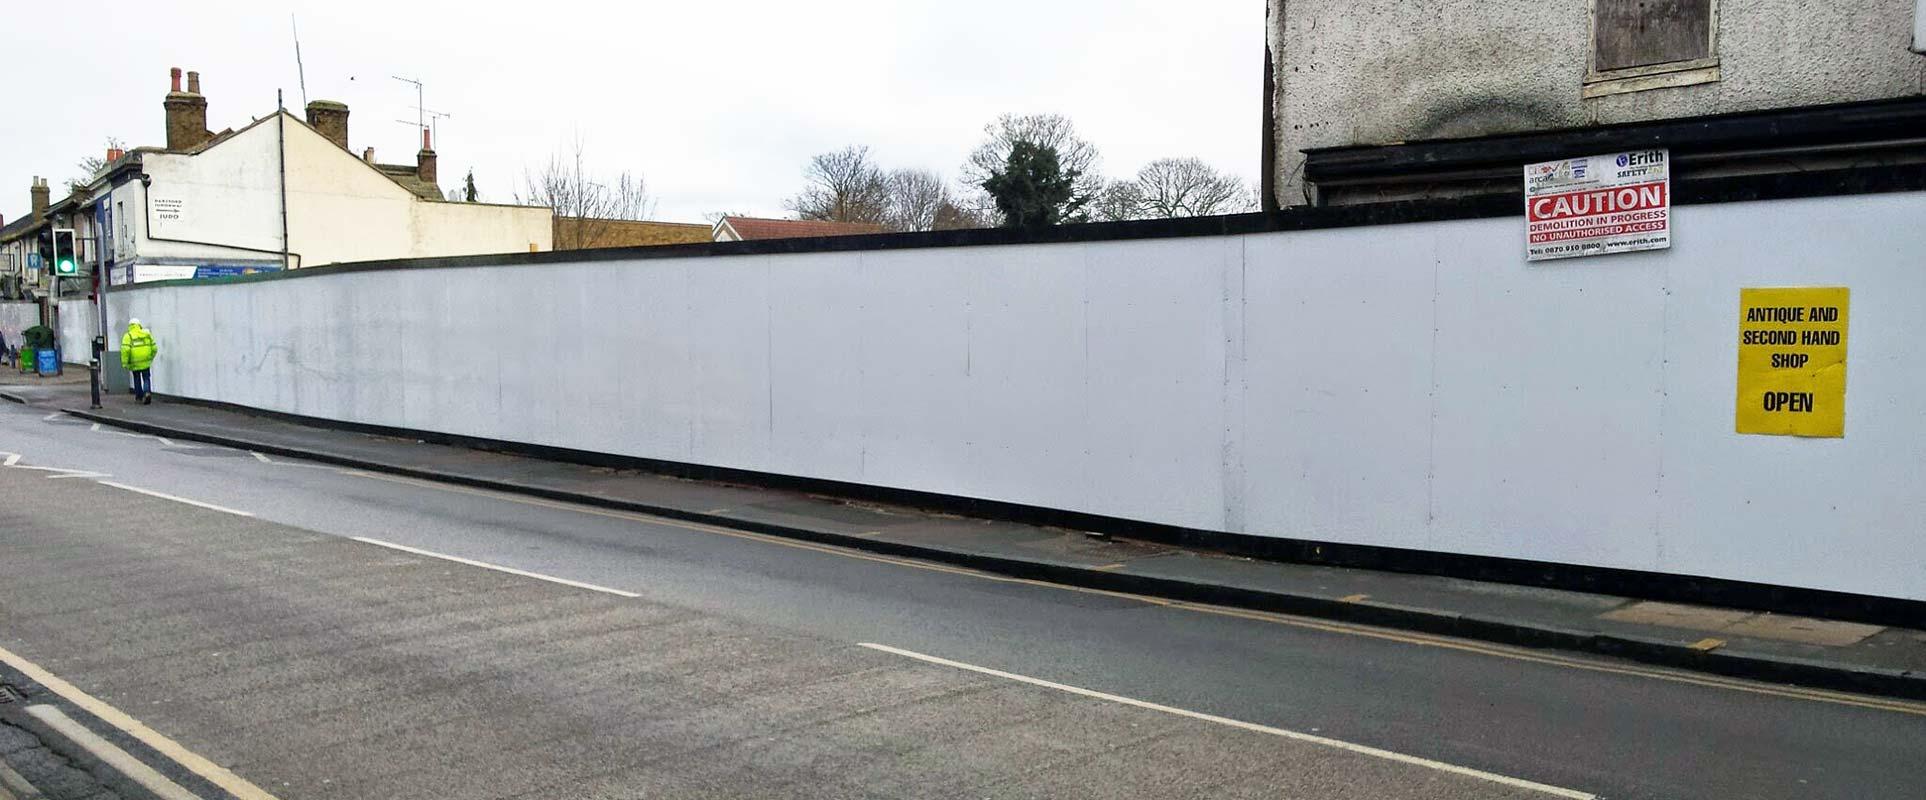 Tesco Hoarding Lowfield Street